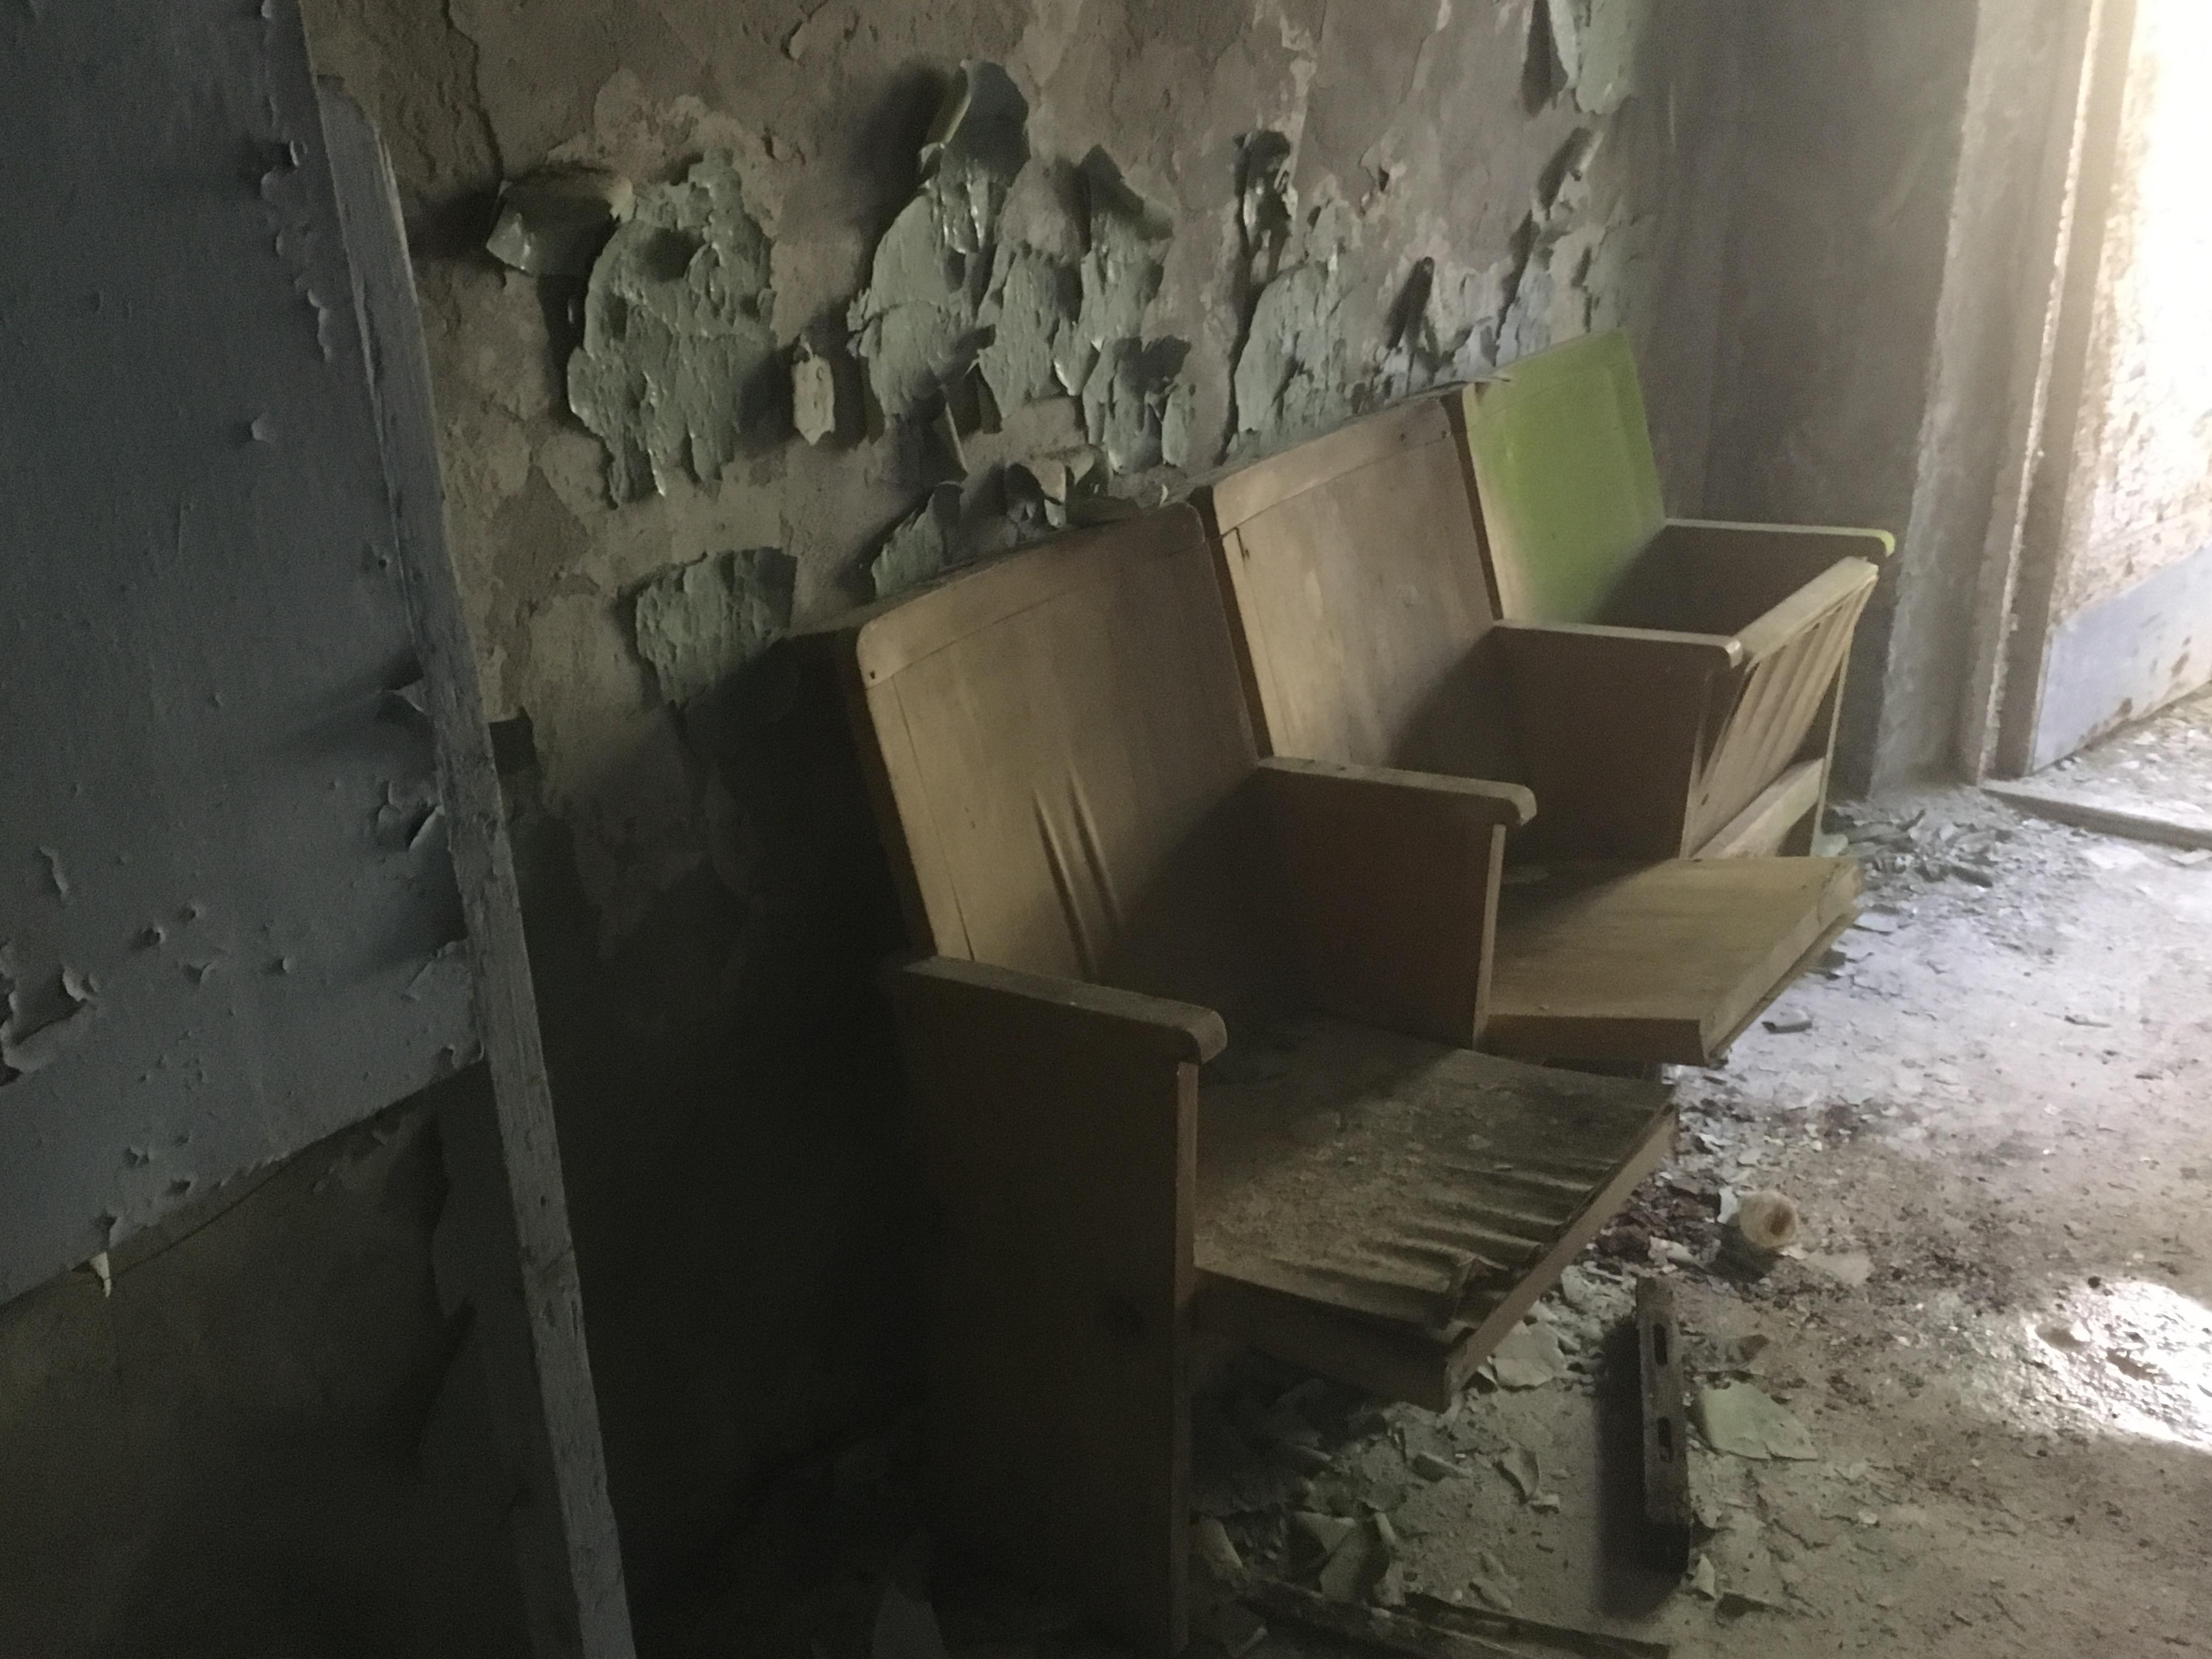 Chernobyl91